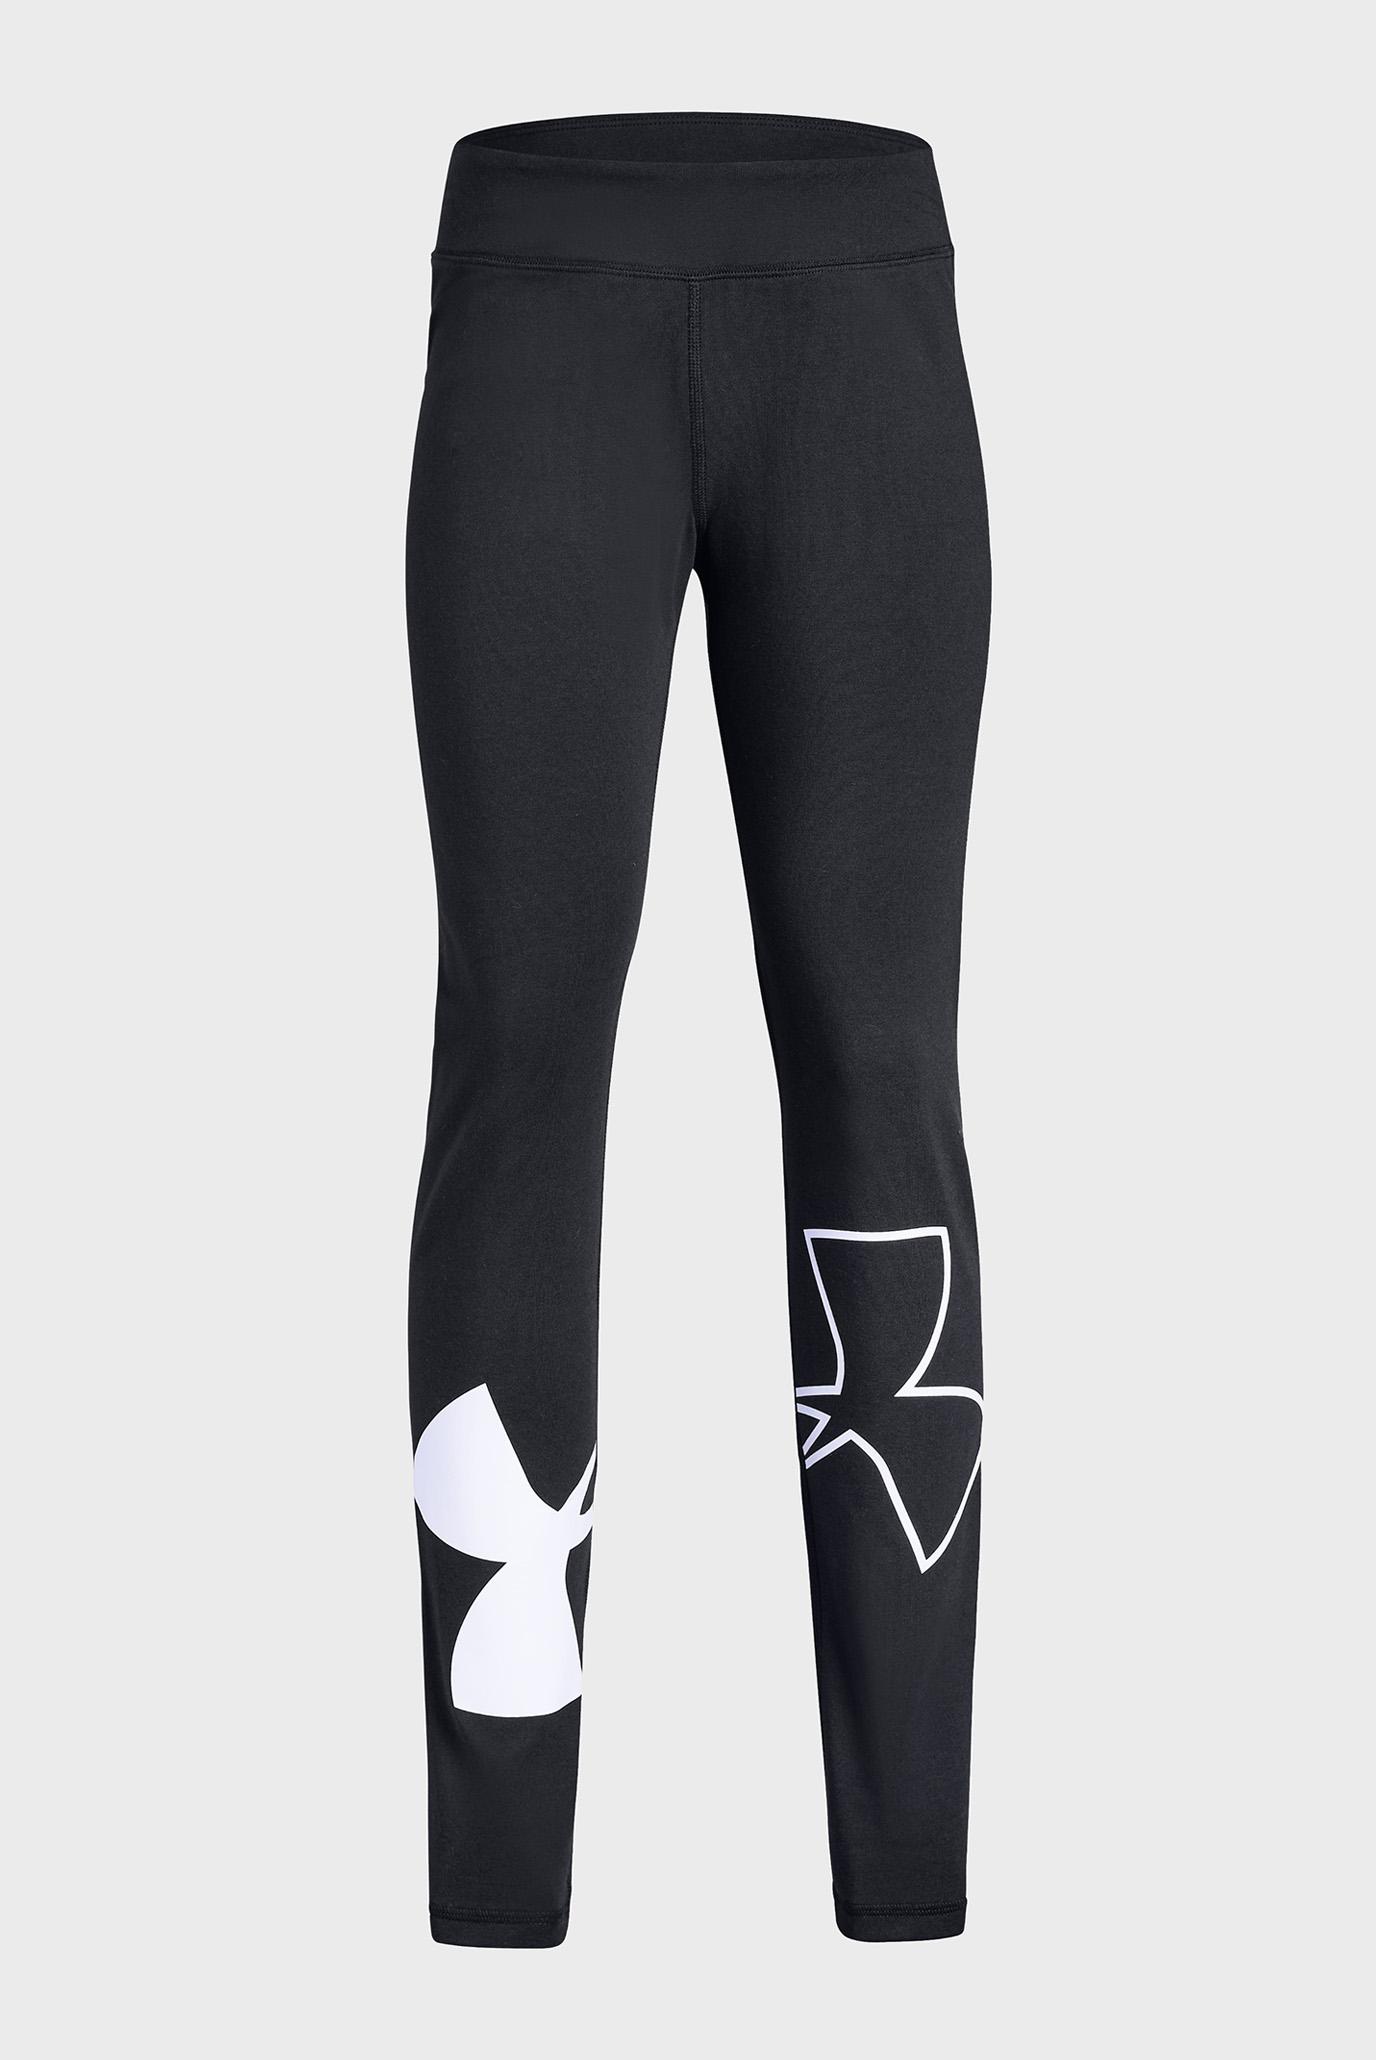 Купить Детские черные тайтсы Finale Legging Under Armour Under Armour 1331673-001 – Киев, Украина. Цены в интернет магазине MD Fashion